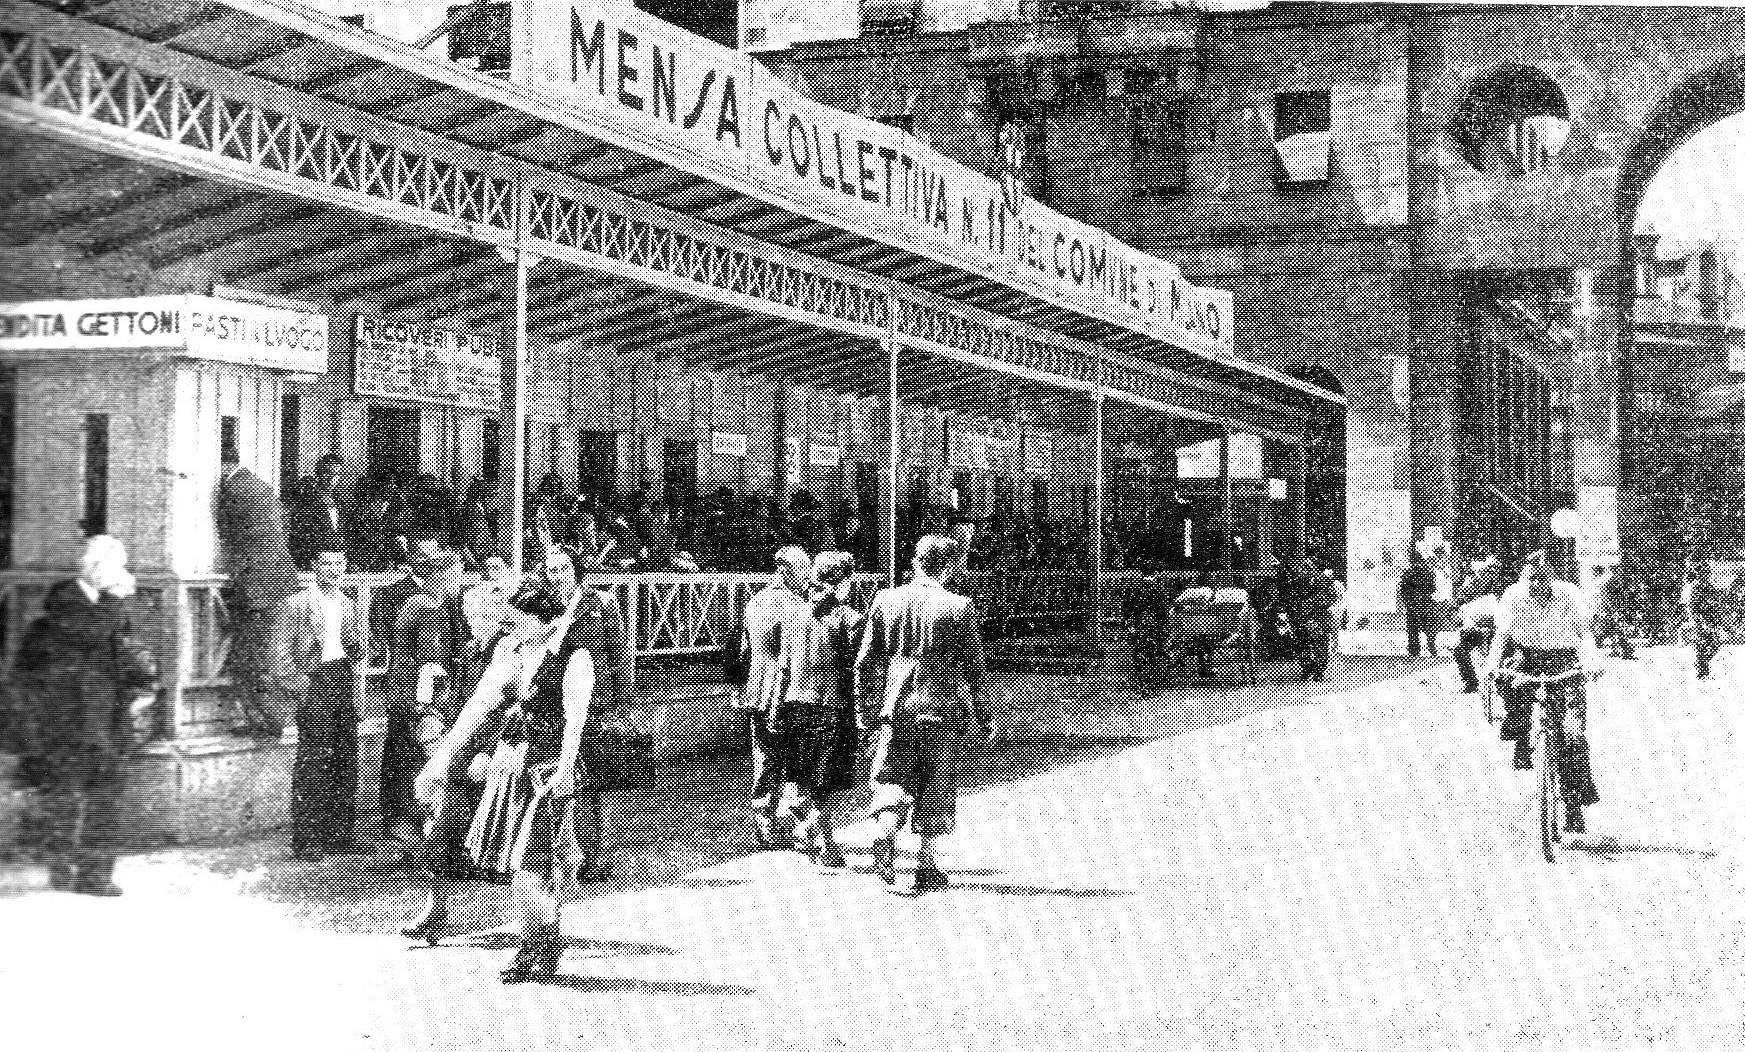 Ο Παρίνι στο Μιλάνο το 1944 θα οργανώσει 10 κέντρα δημόσιων συσσιτίων, με ικανότητα 50.000 γευμάτων την ημέρα.